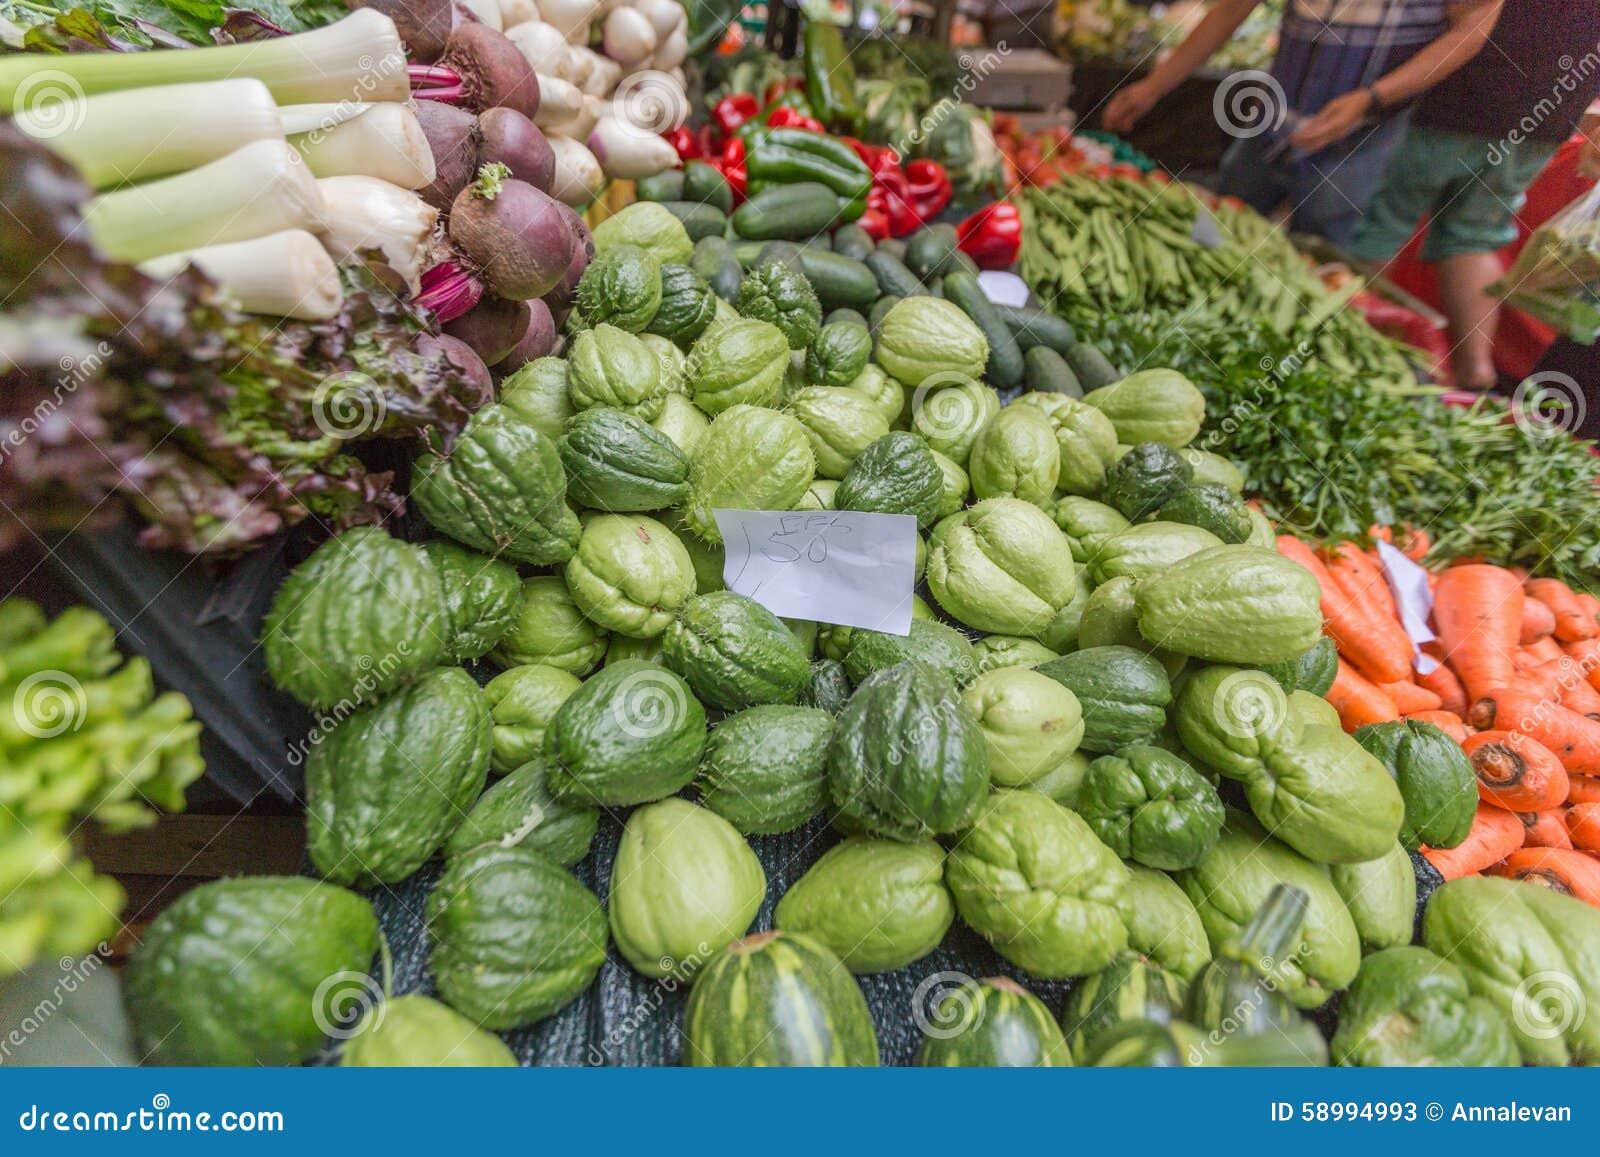 Activer le march de fruits et l gumes funchal mad re photo stock image 58994993 - Fruits et legumes de a a z ...